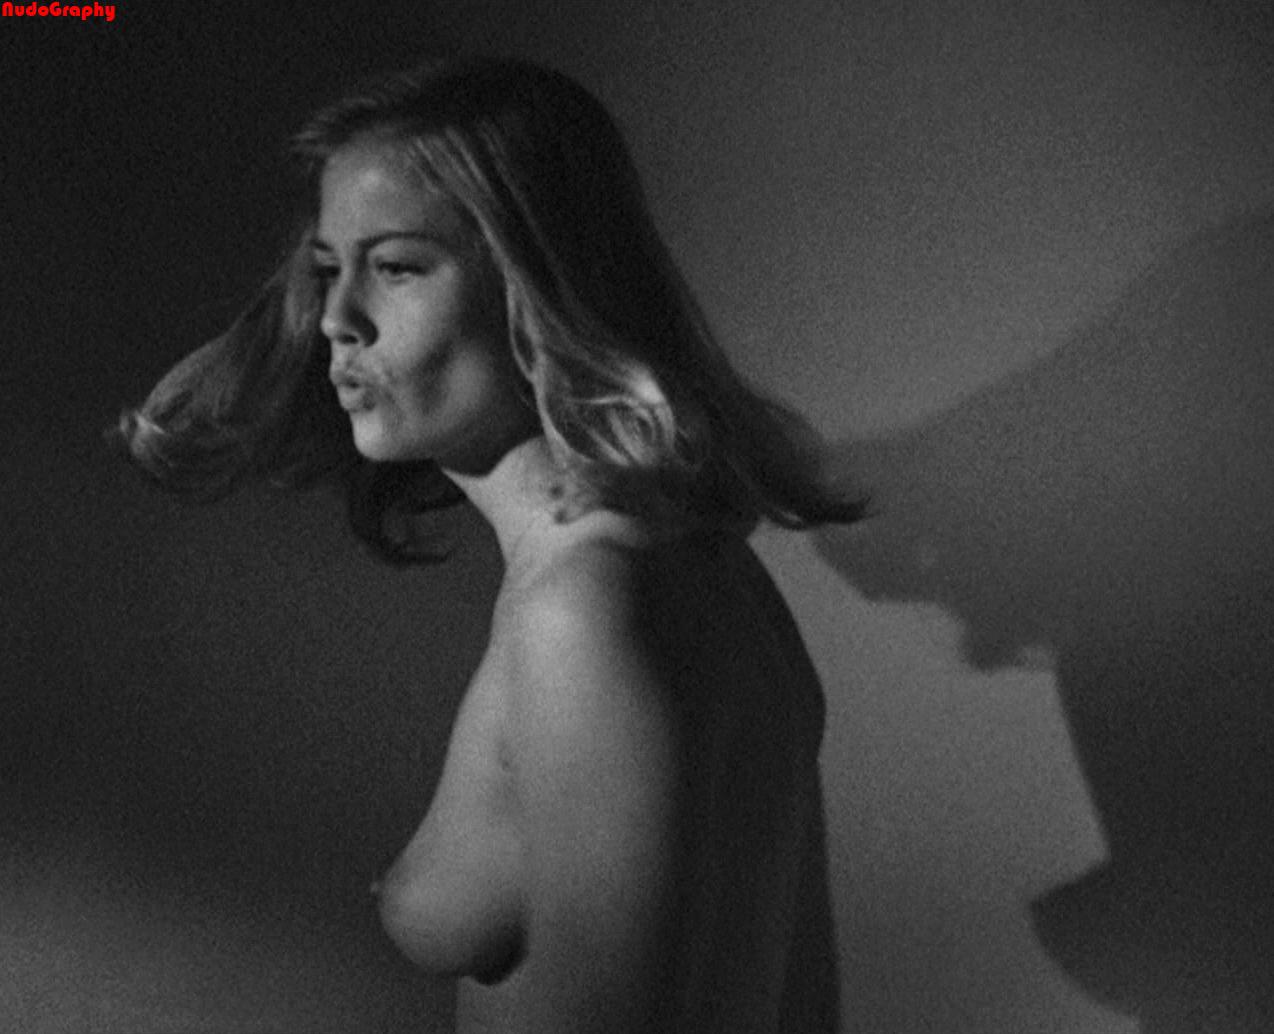 Cybil sheppard nude